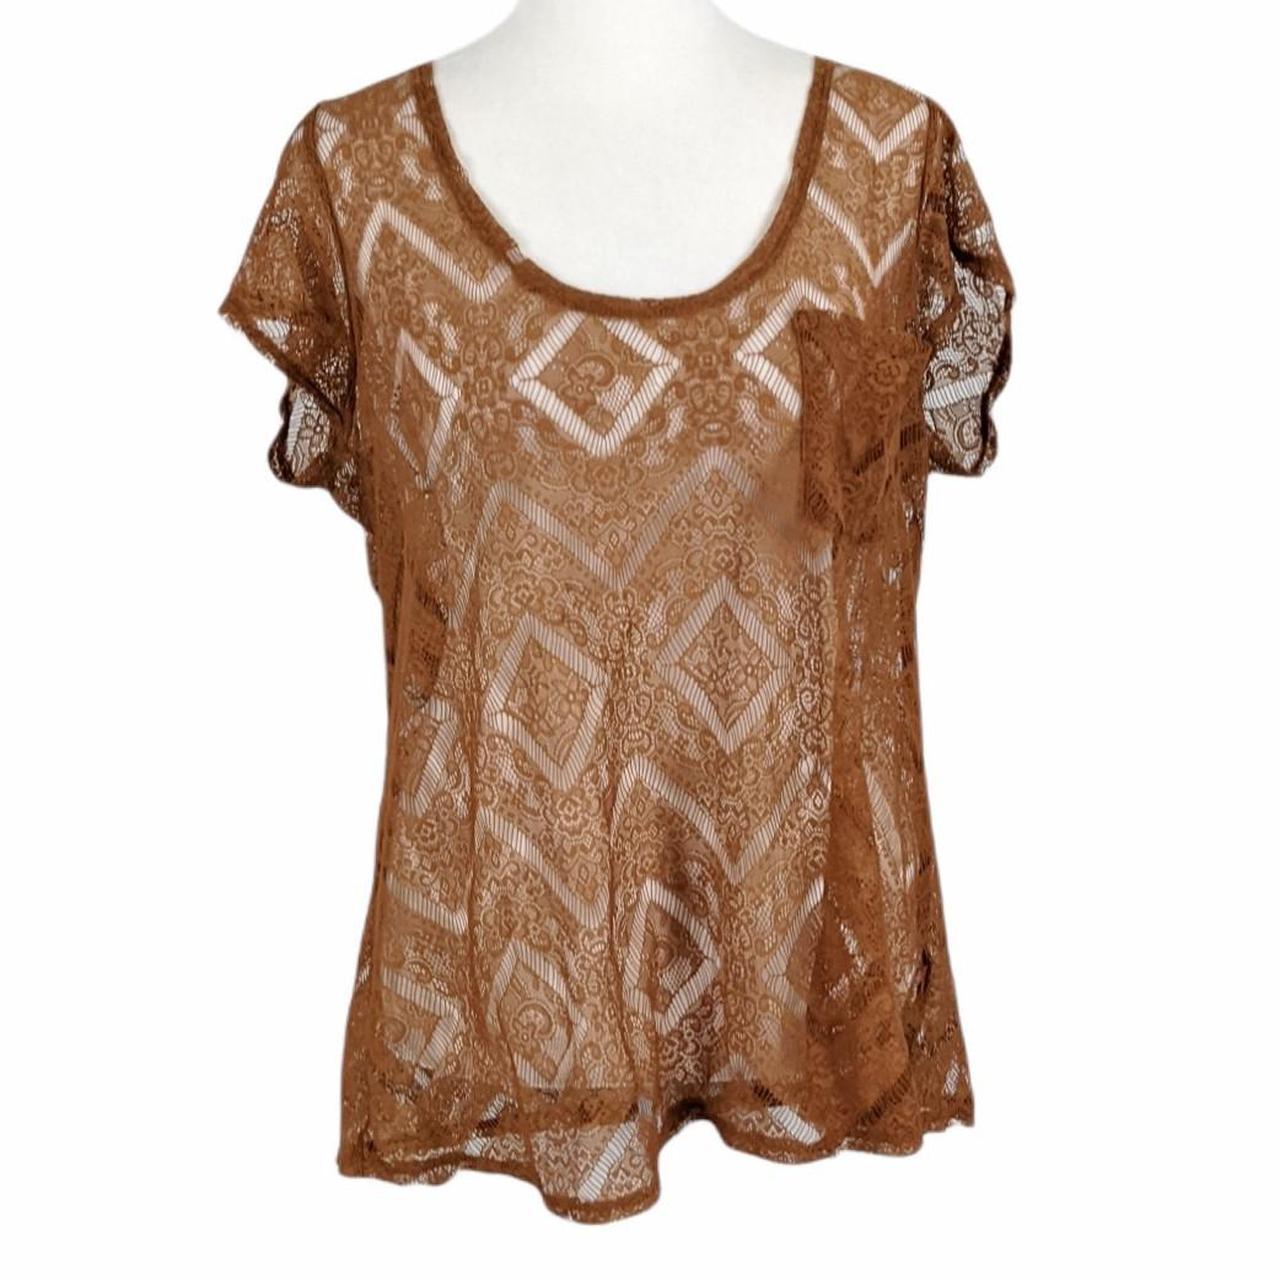 Product Image 1 - Sheer lace short sleeve shirt.